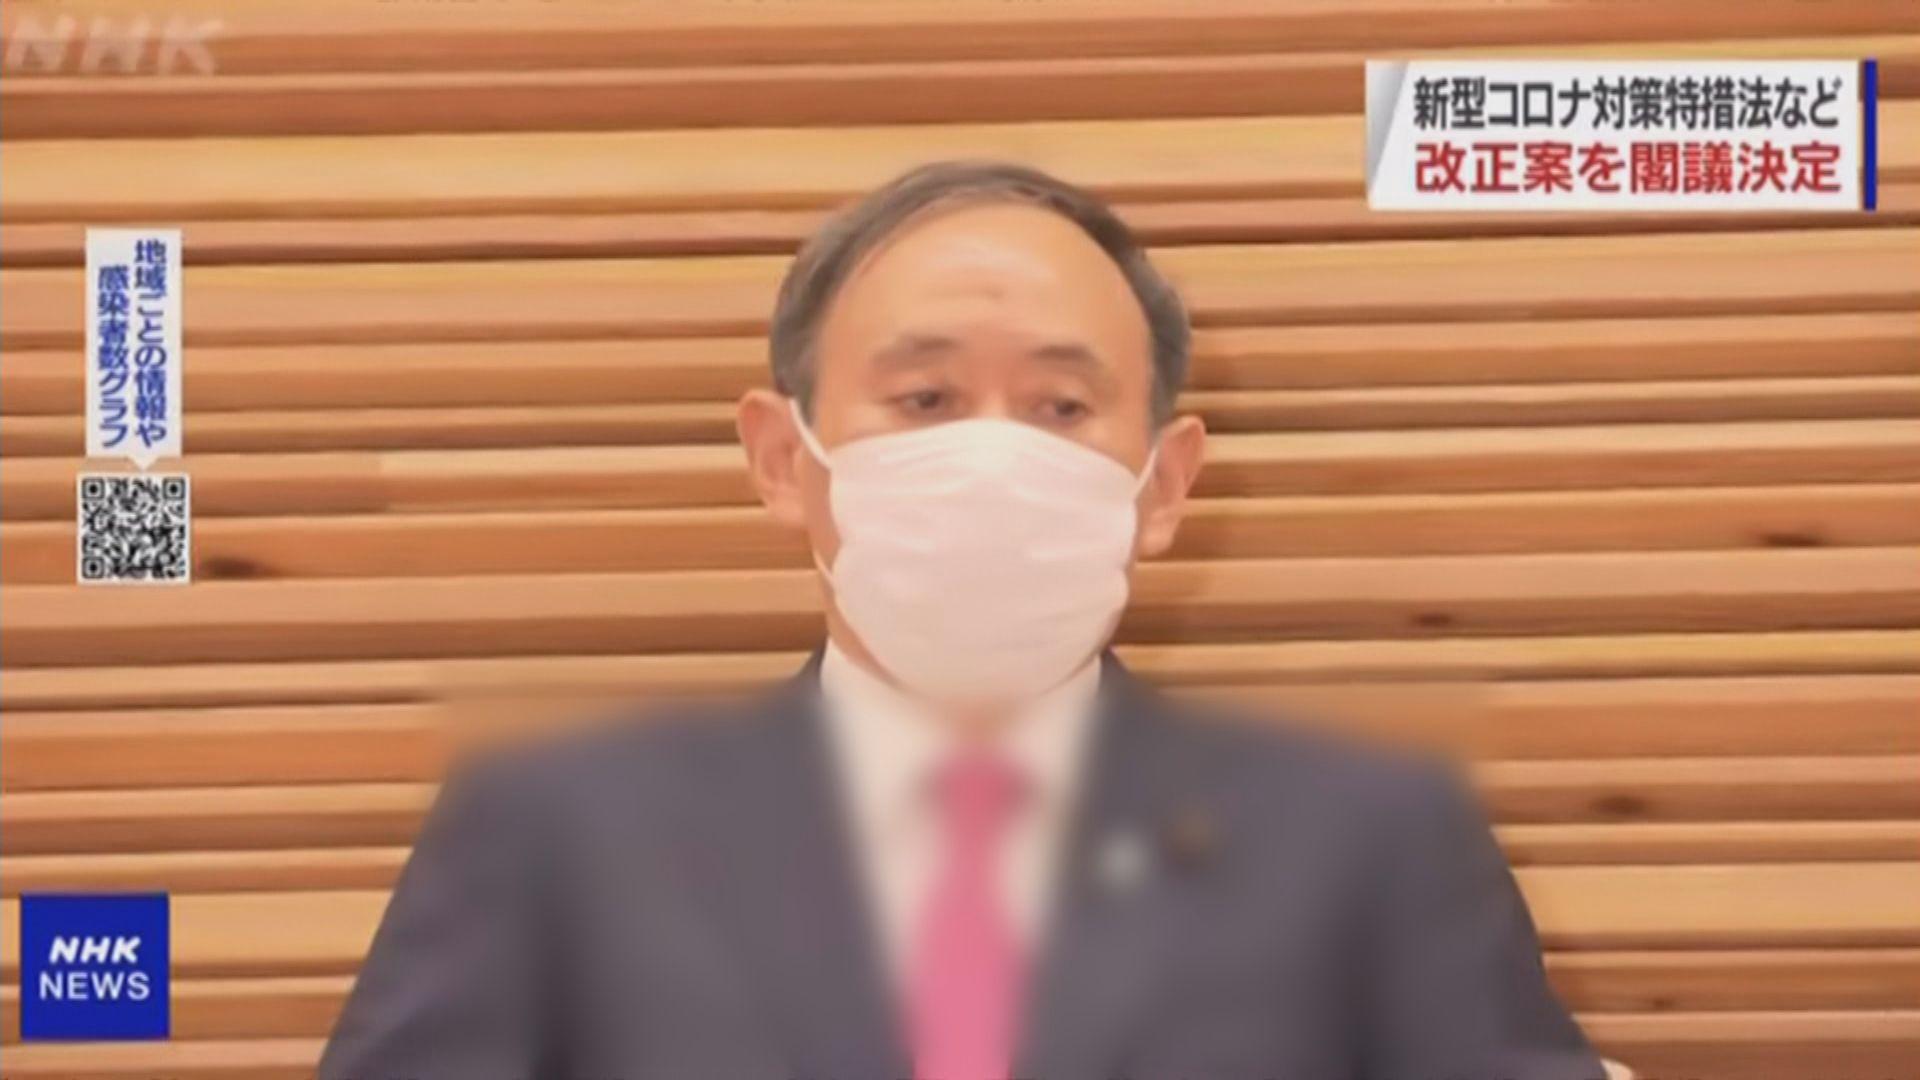 日本內閣敲定疫情相關法案 可處罰拒合作商戶